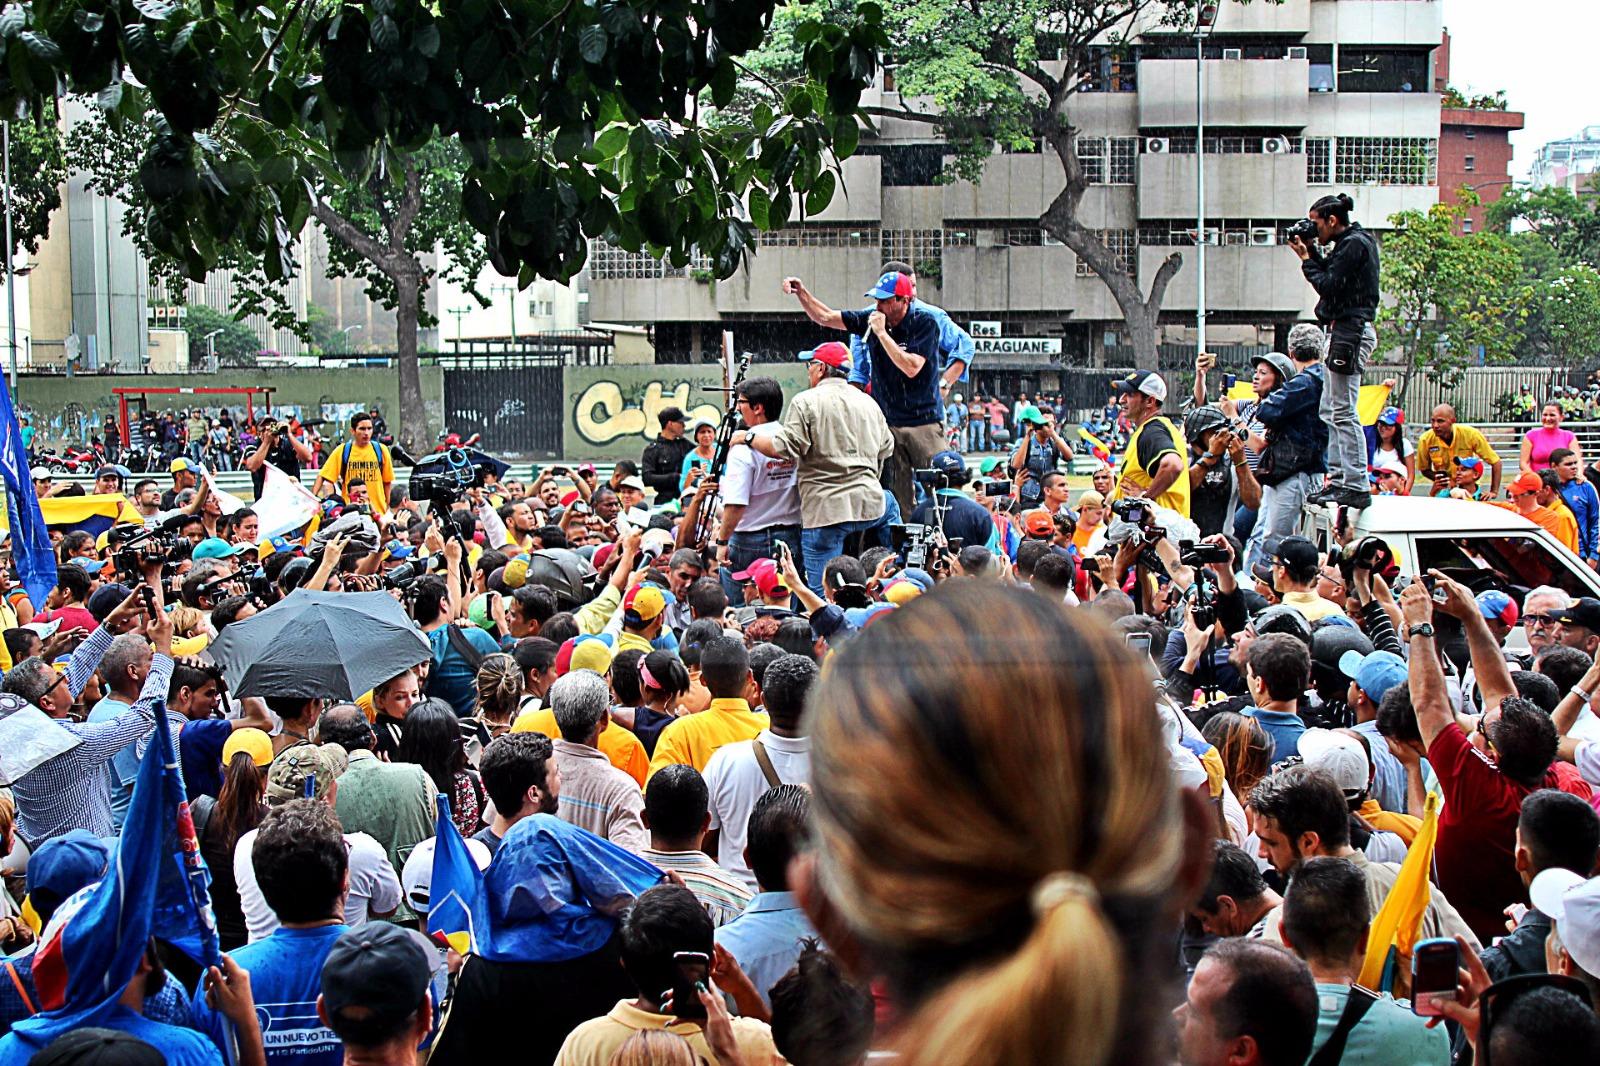 El deseo de los venezolanos por el referéndum revocatorio del presidente Nicolas Maduro es irrefrenable. Han sido miles y miles de venezolanos hoy en las calle por la democracia. Lasvocesdelpueblo.